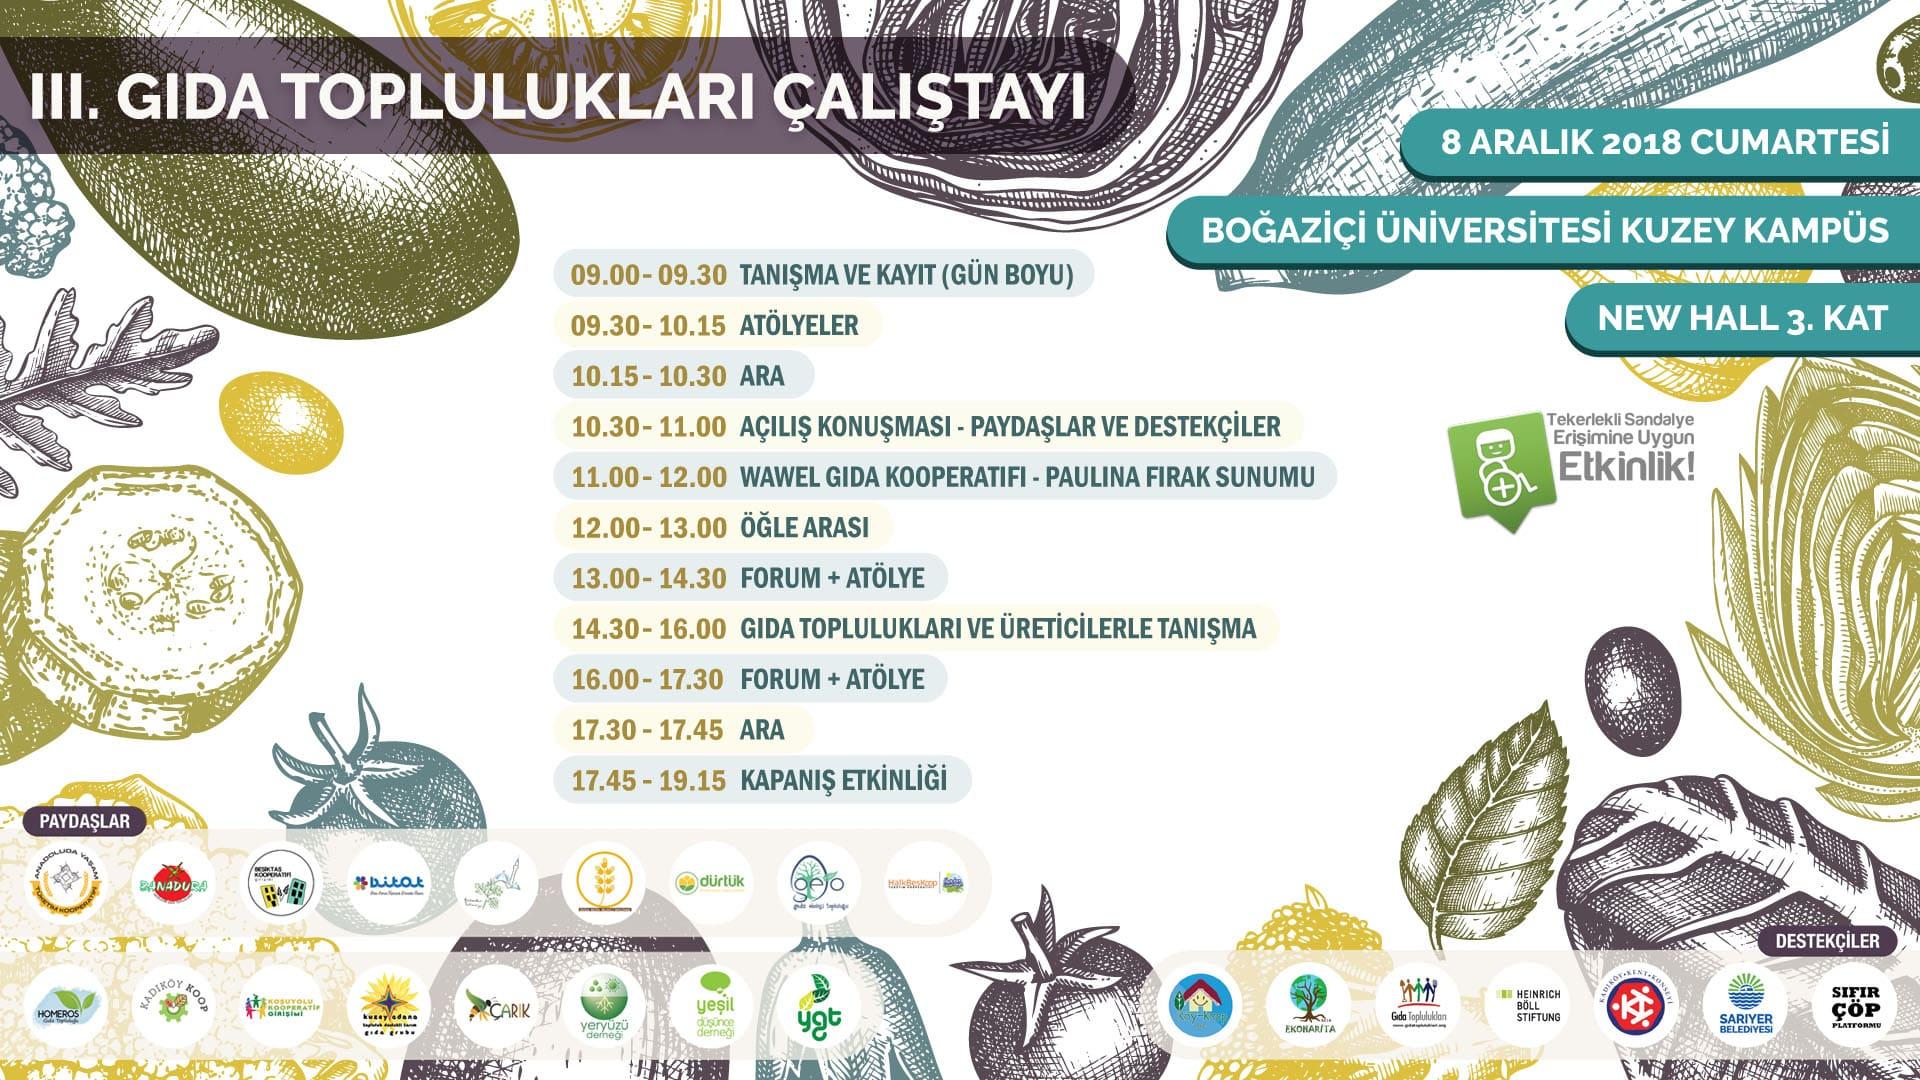 III. Gıda Toplulukları Çalıştayı Yolda! :)